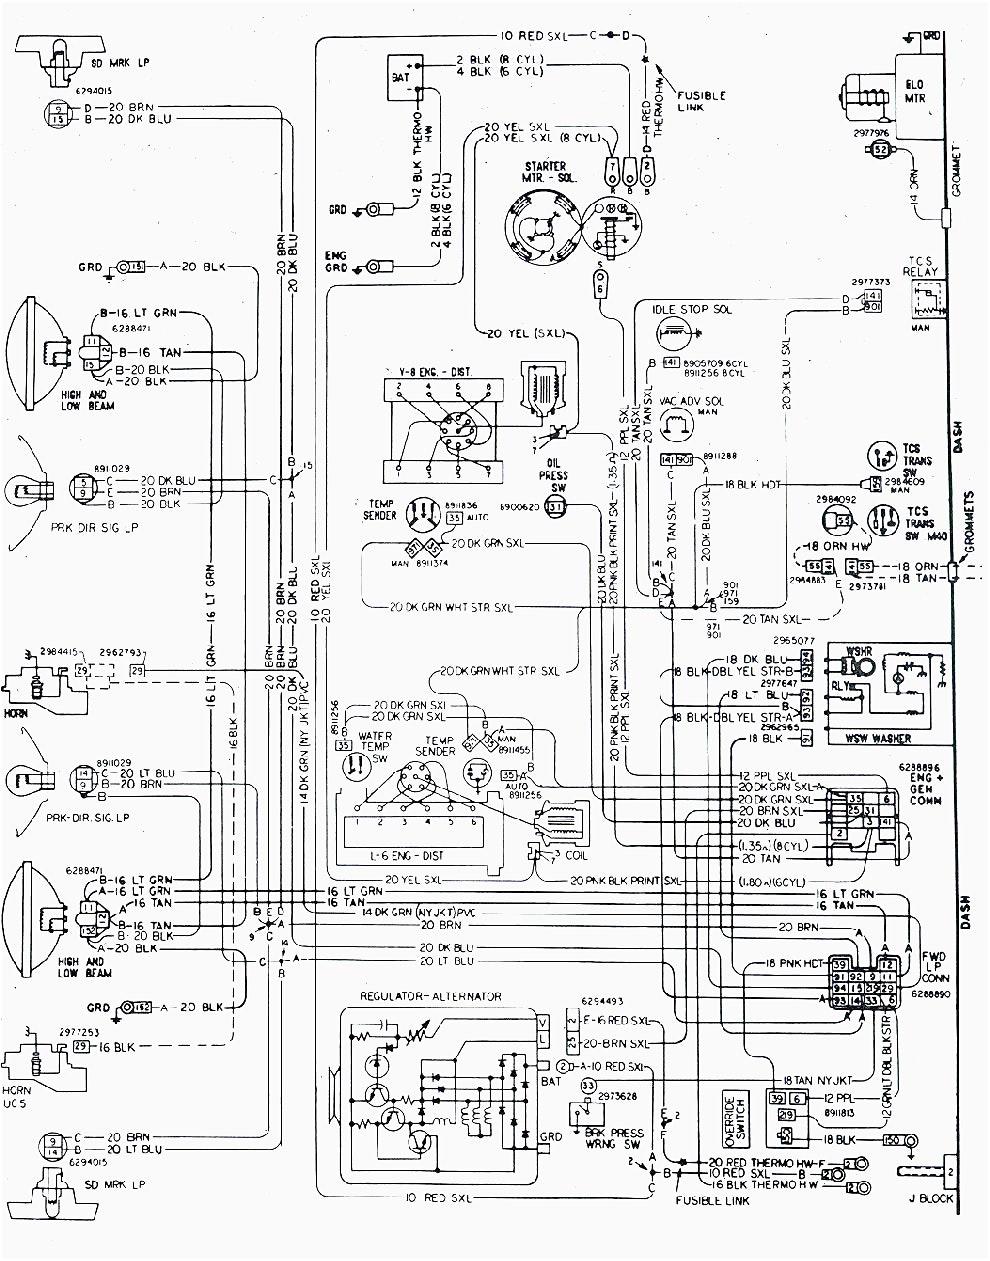 990x1261 69 camaro wiring diagram